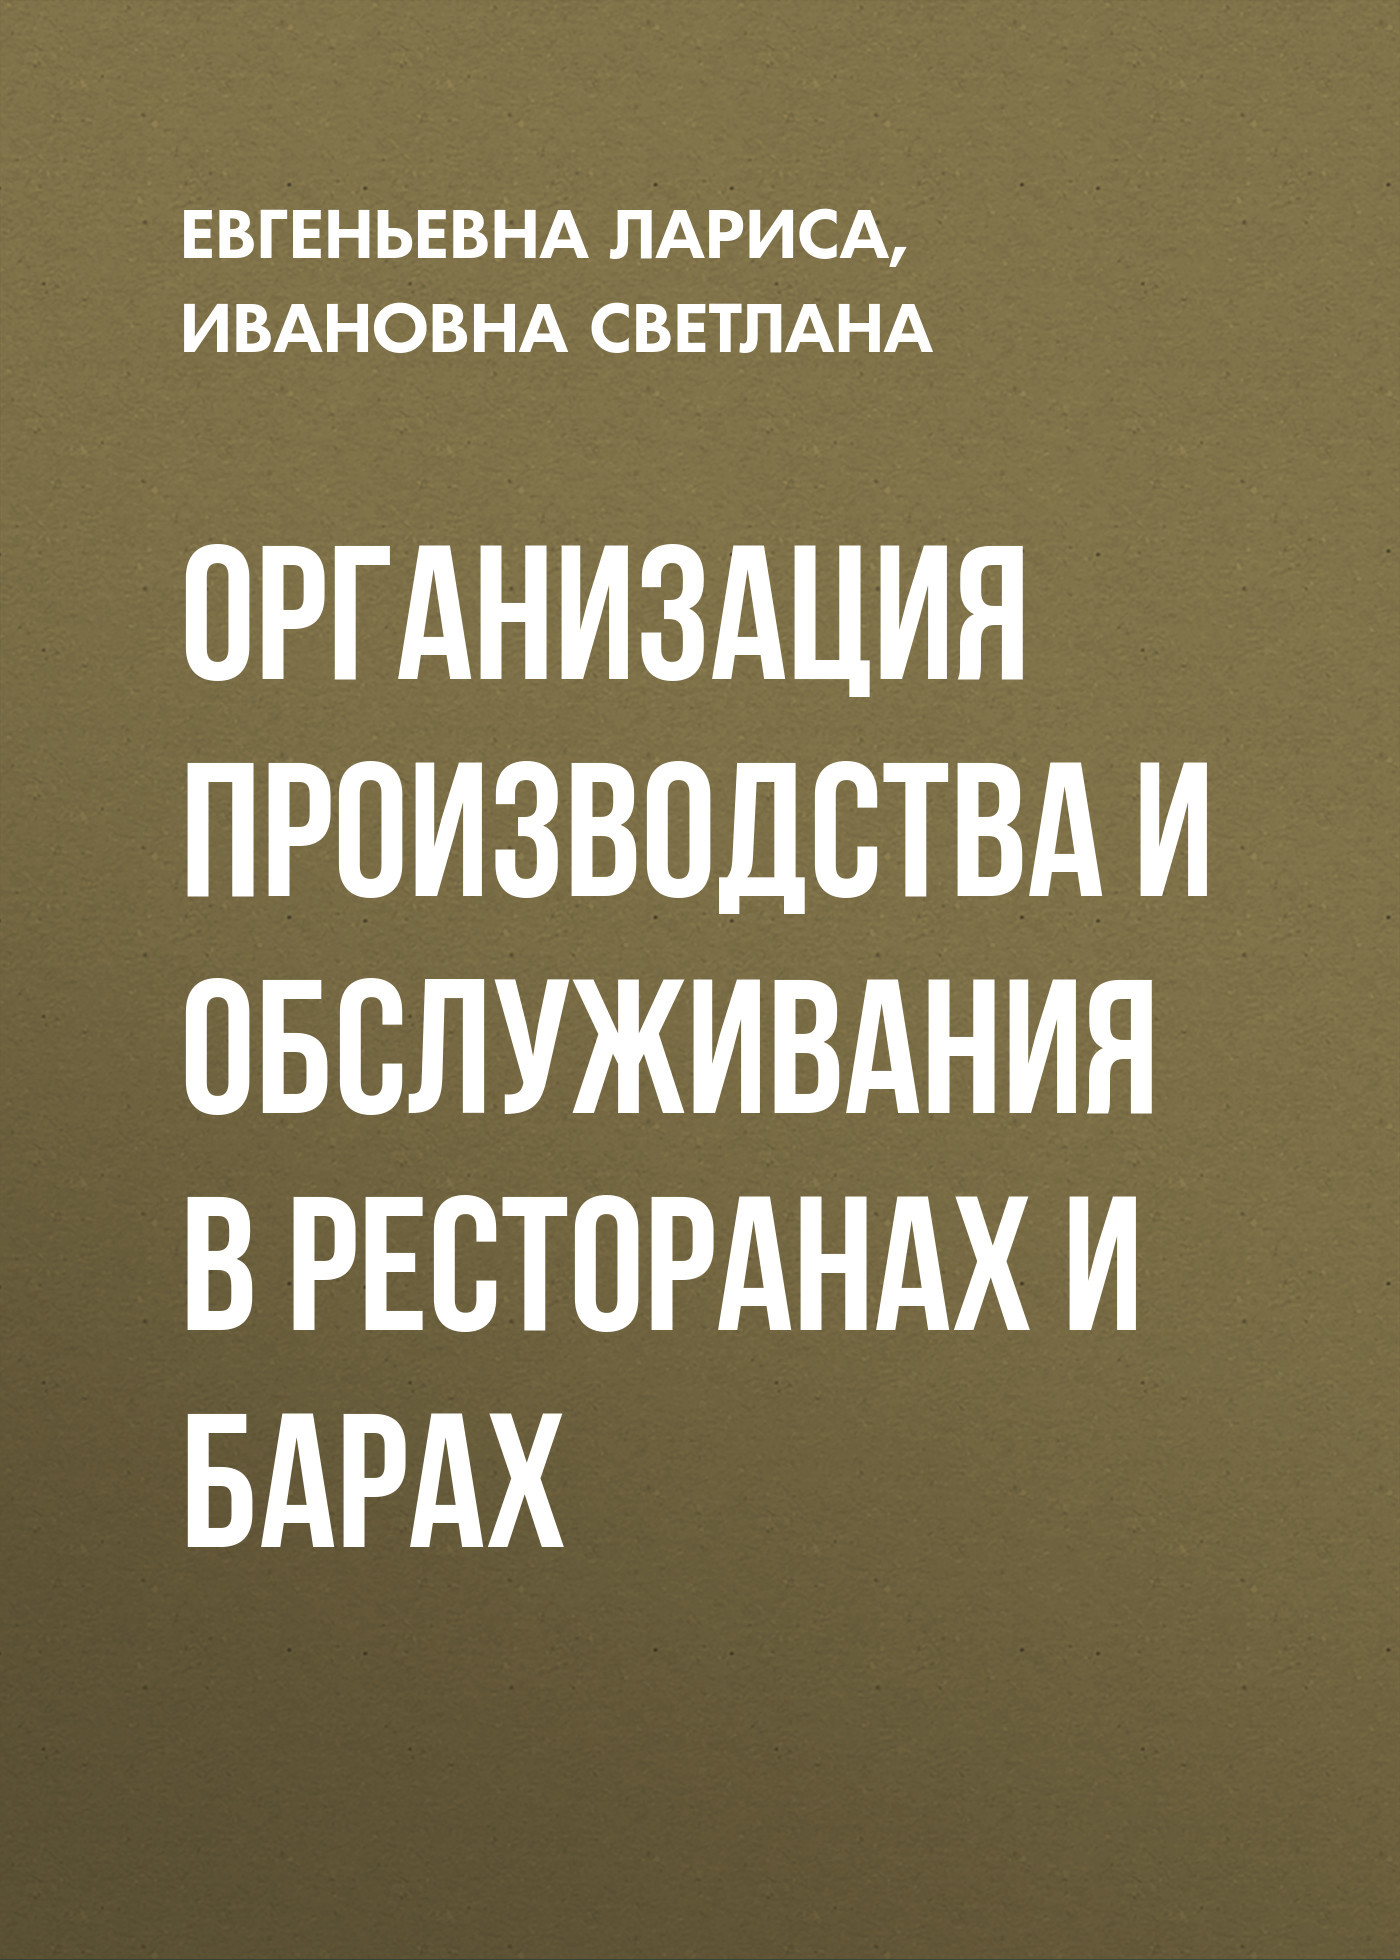 Ивановна Светлана Организация производства и обслуживания в ресторанах и барах цены